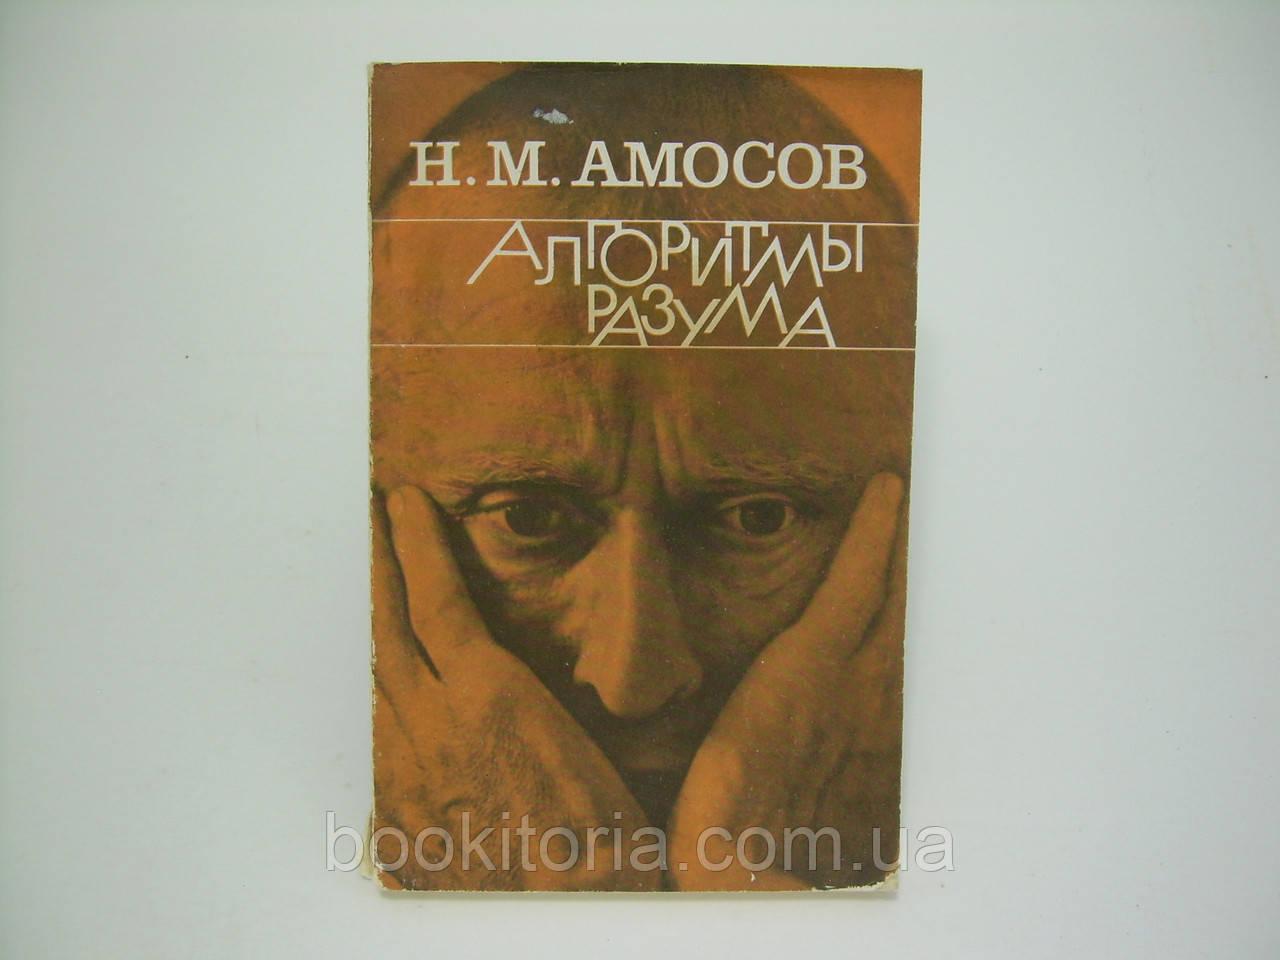 Амосов Н.М. Алгоритмы разума (б/у).